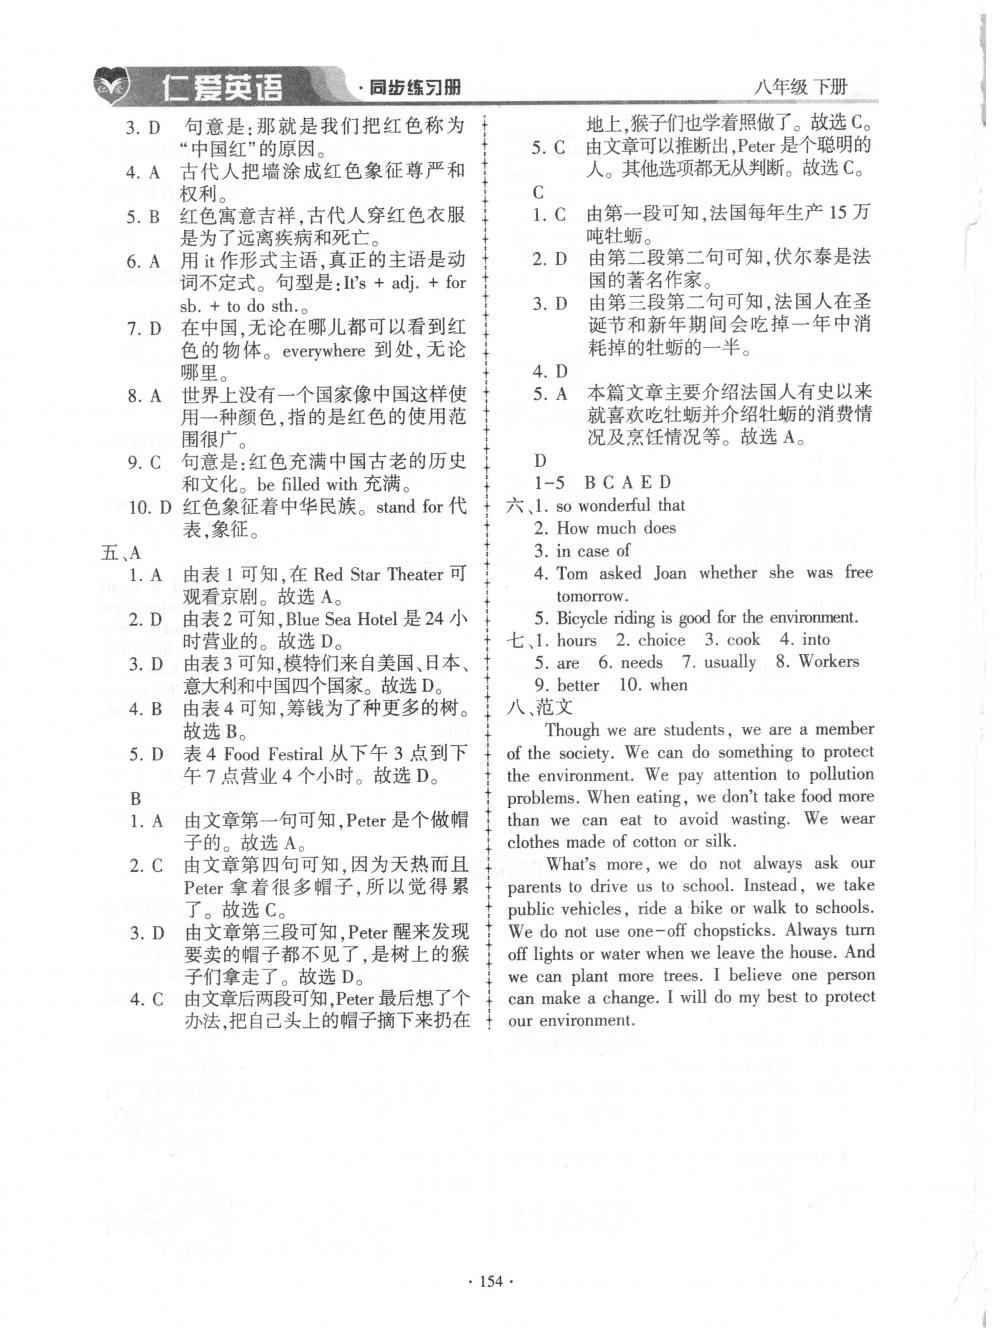 2018年仁爱英语同步练习册八年级英语下册仁爱版第29页